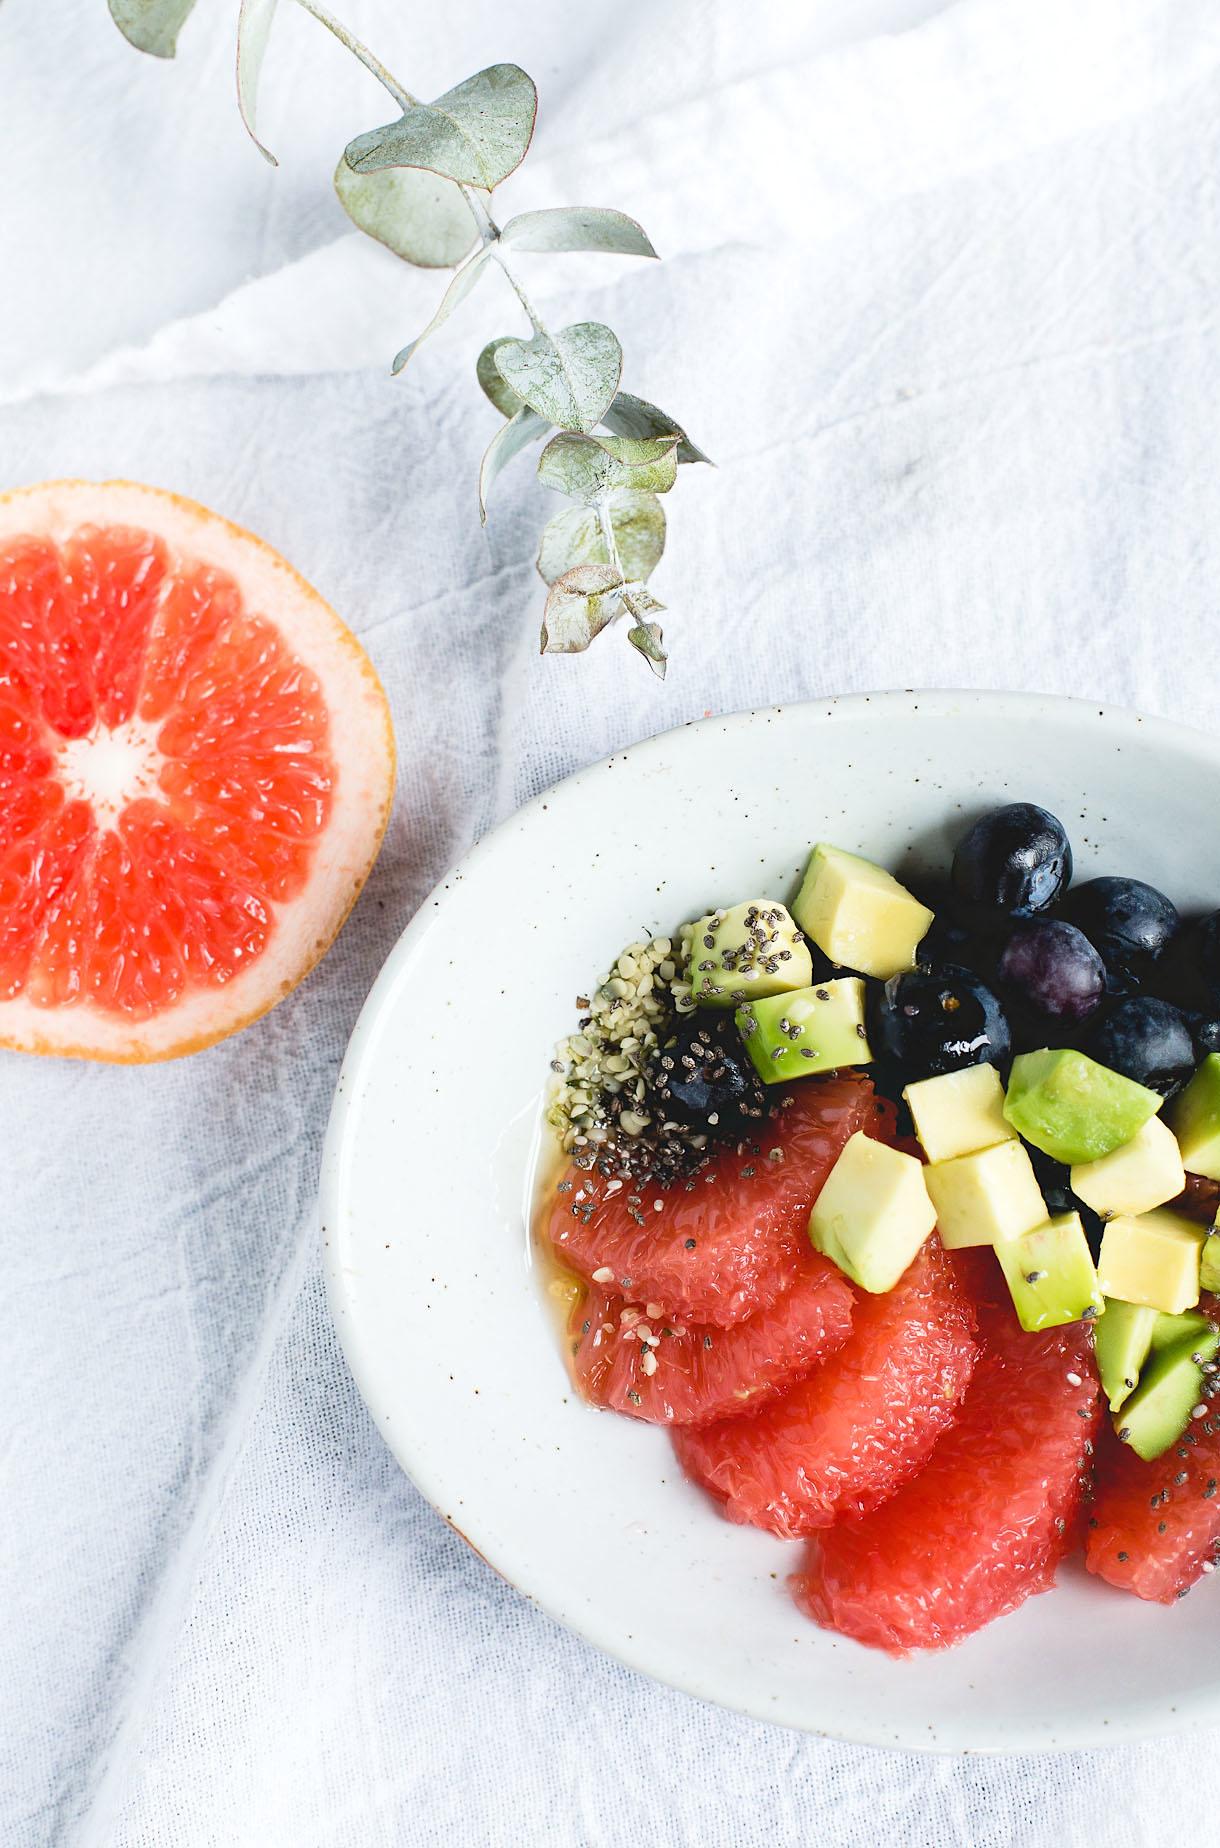 Super Sparklin' Fruit Salad with Avocado + Seeds